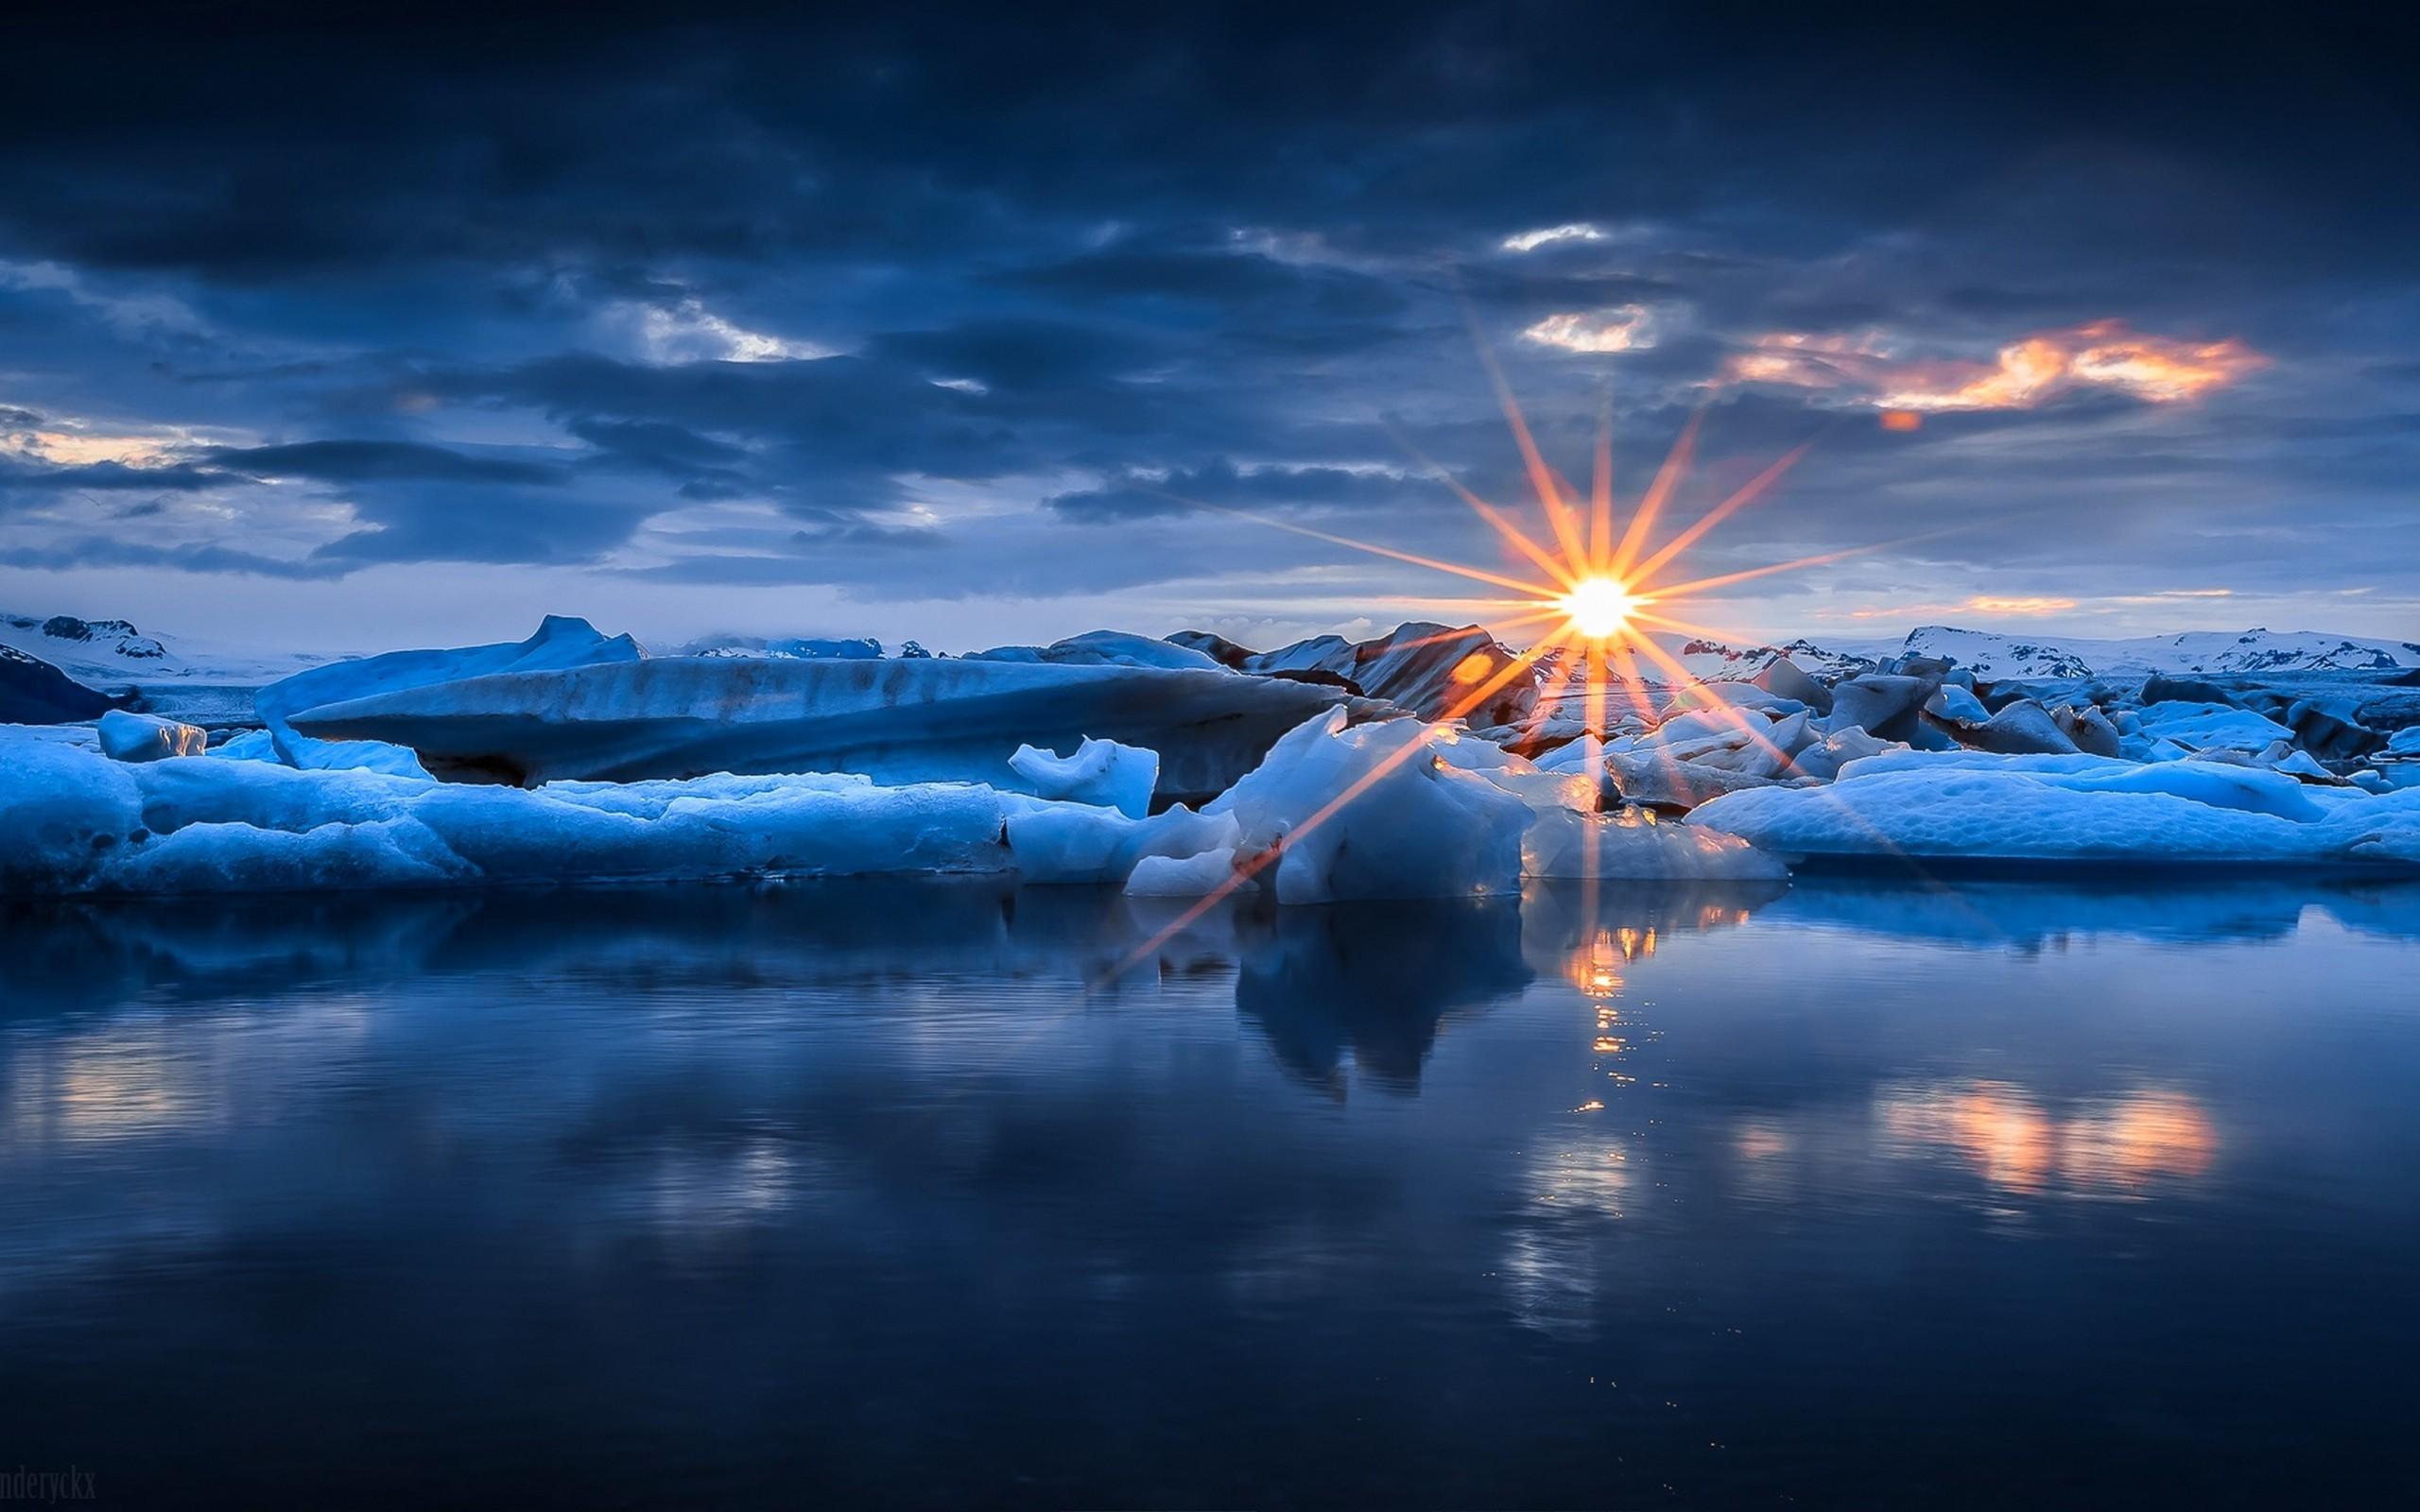 природа водопад снег небо облака зима бесплатно